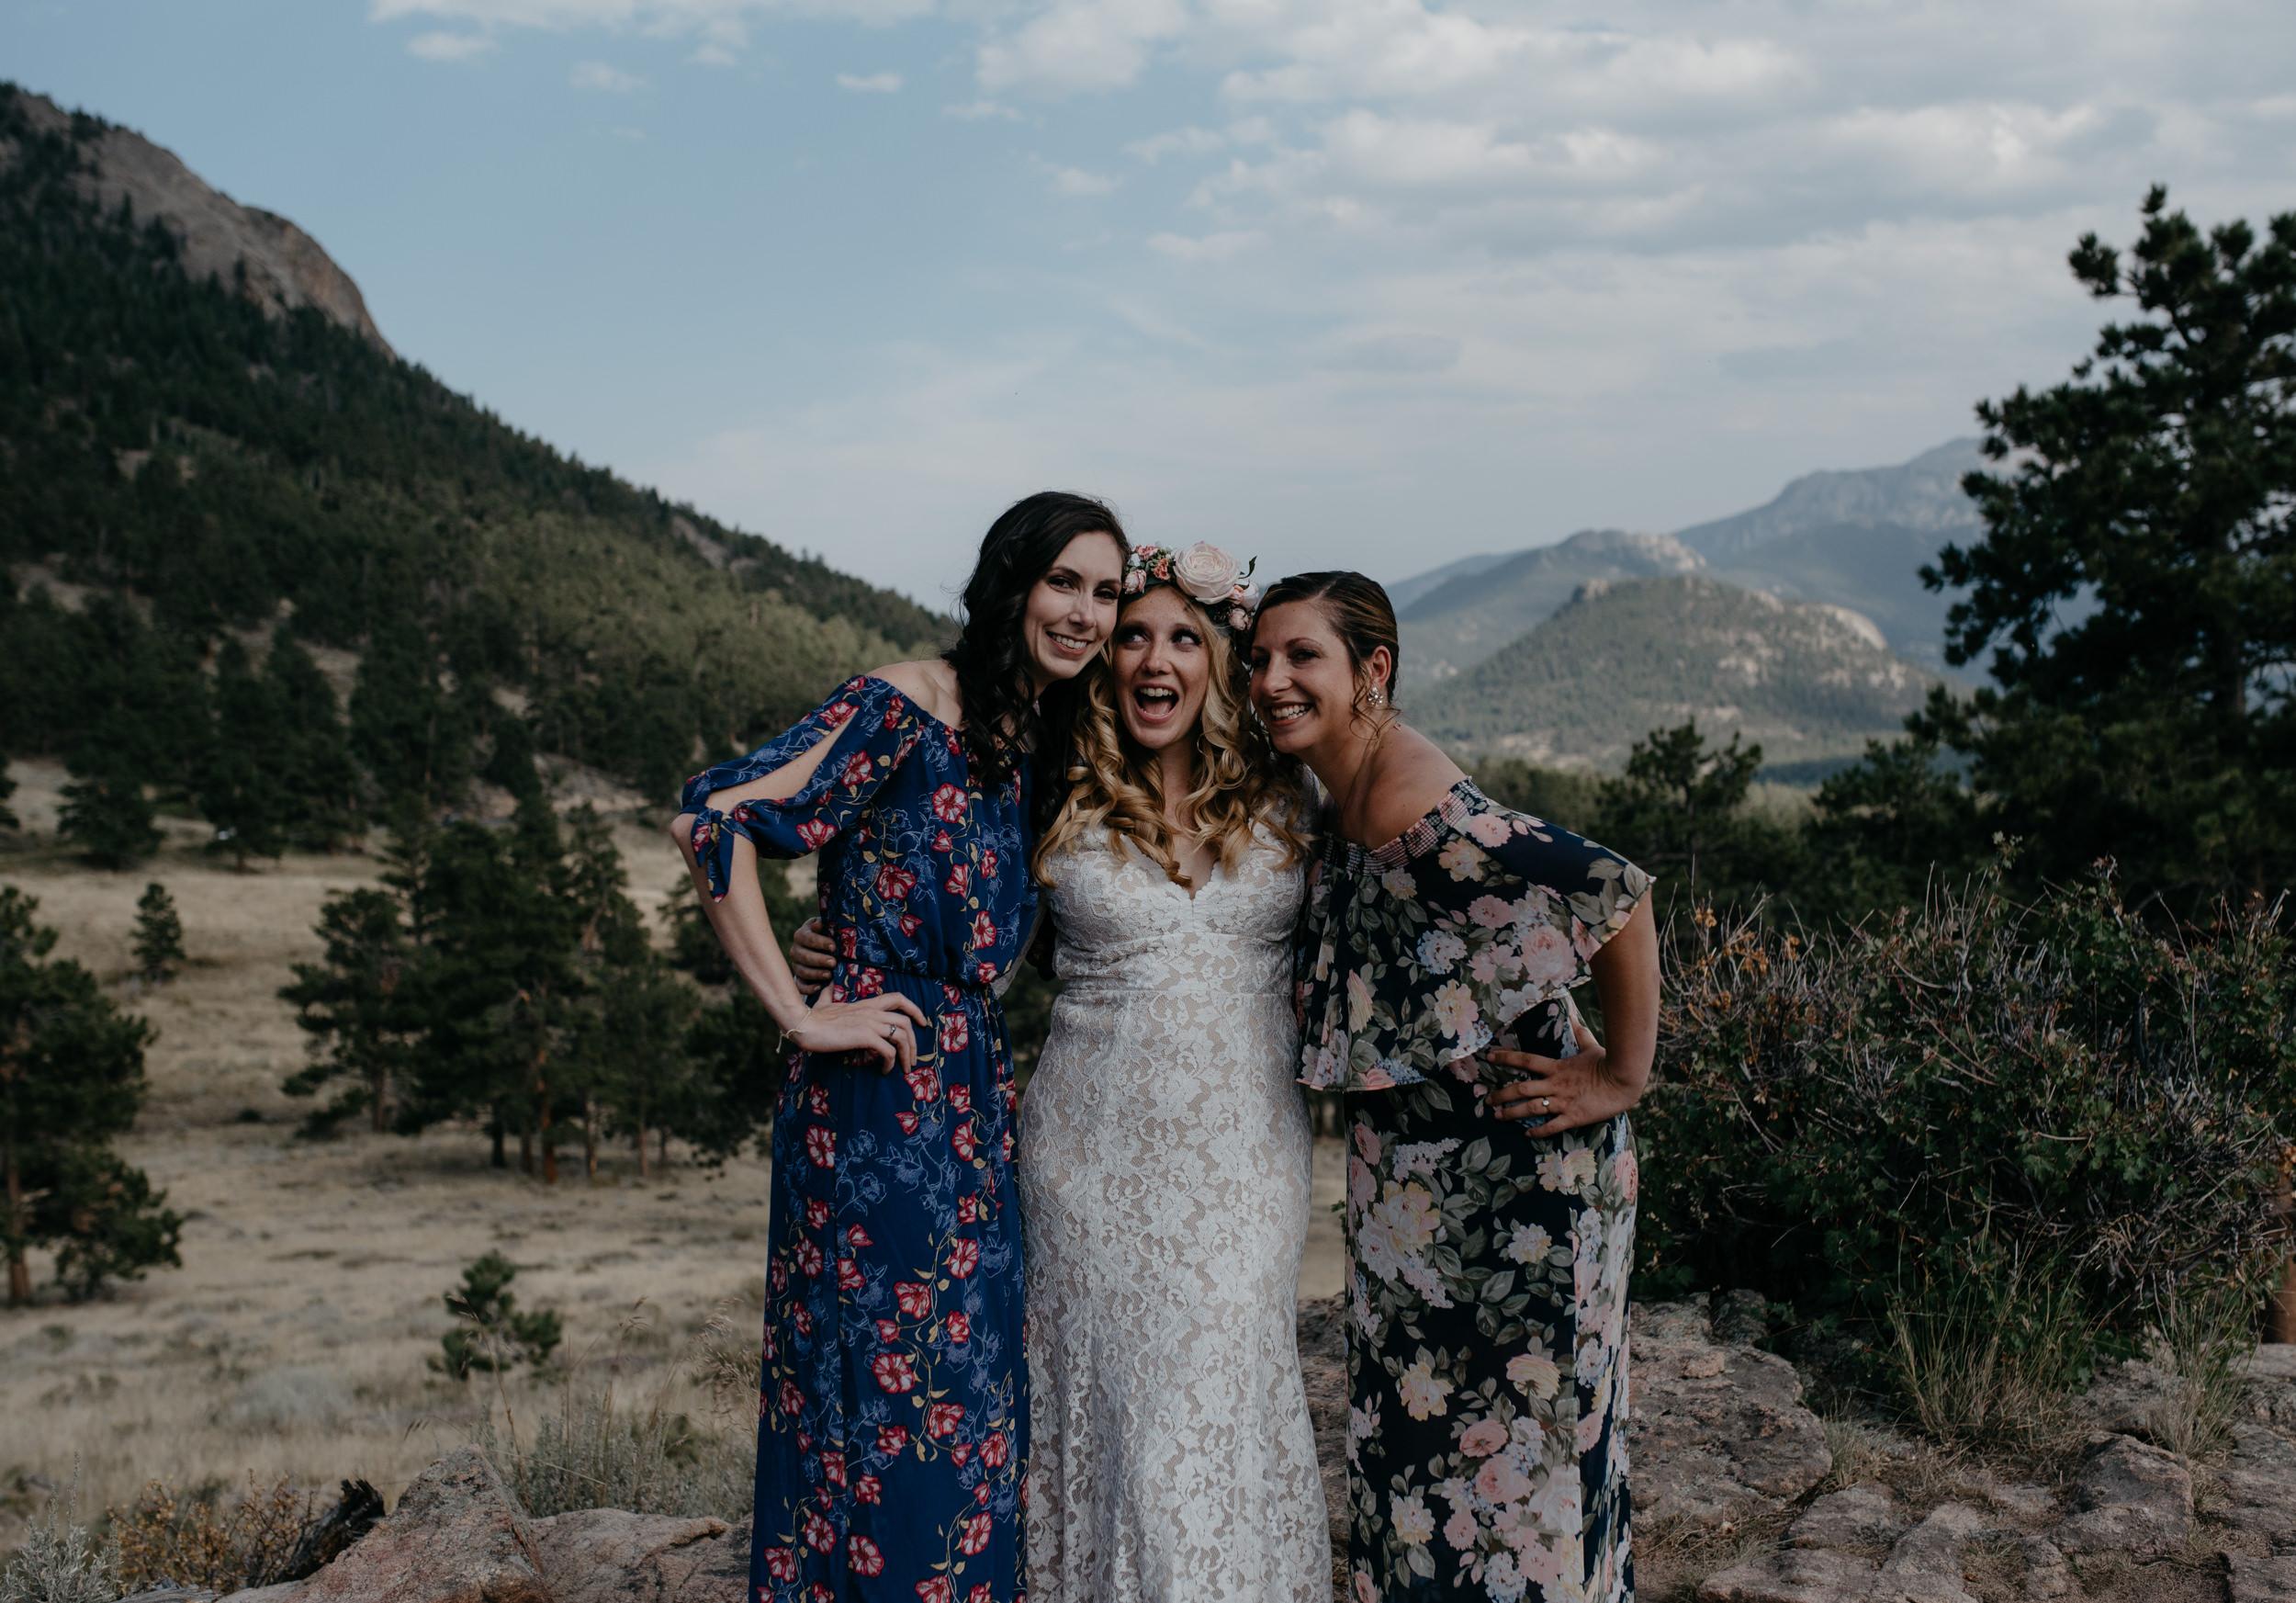 Family photos at an elopement in Rocky Mountain National Park. Estes Park, Colorado wedding photographer.